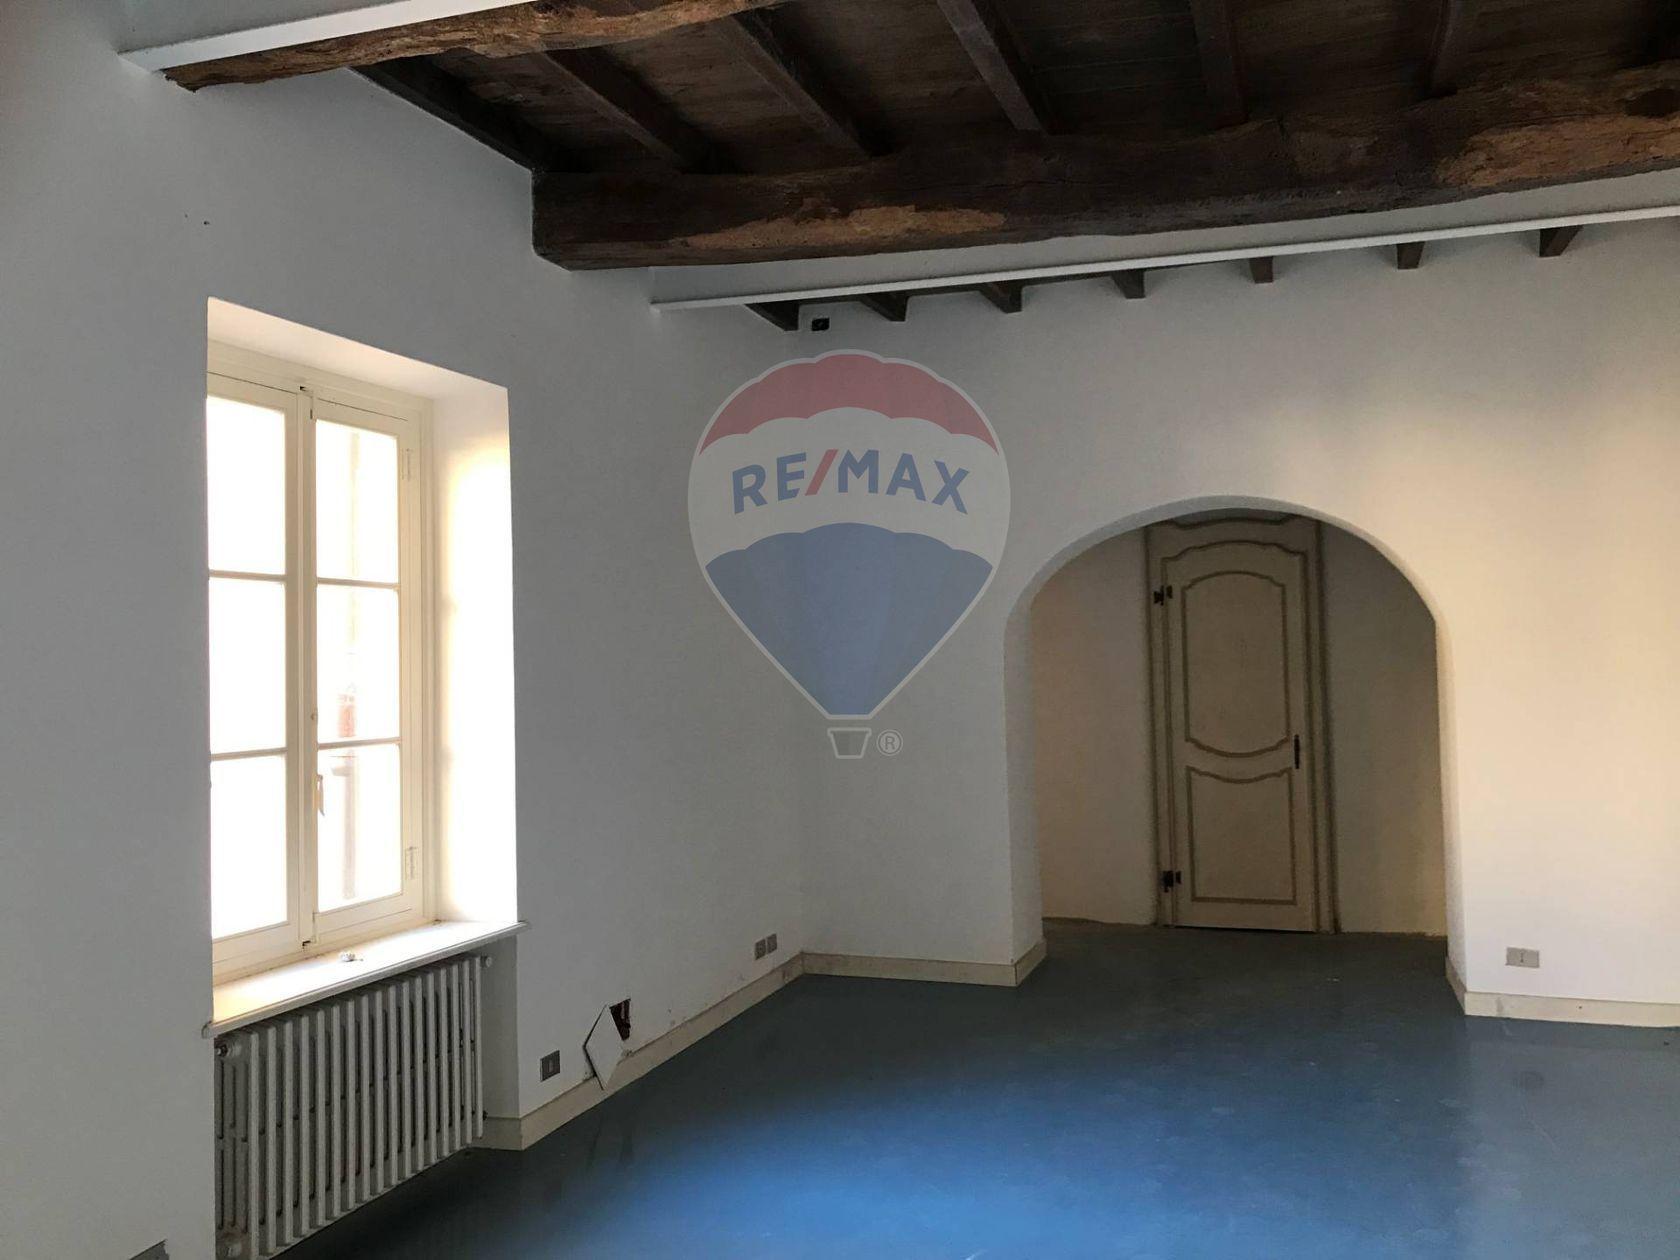 Appartamento Avuglione, Marentino, TO Vendita - Foto 20